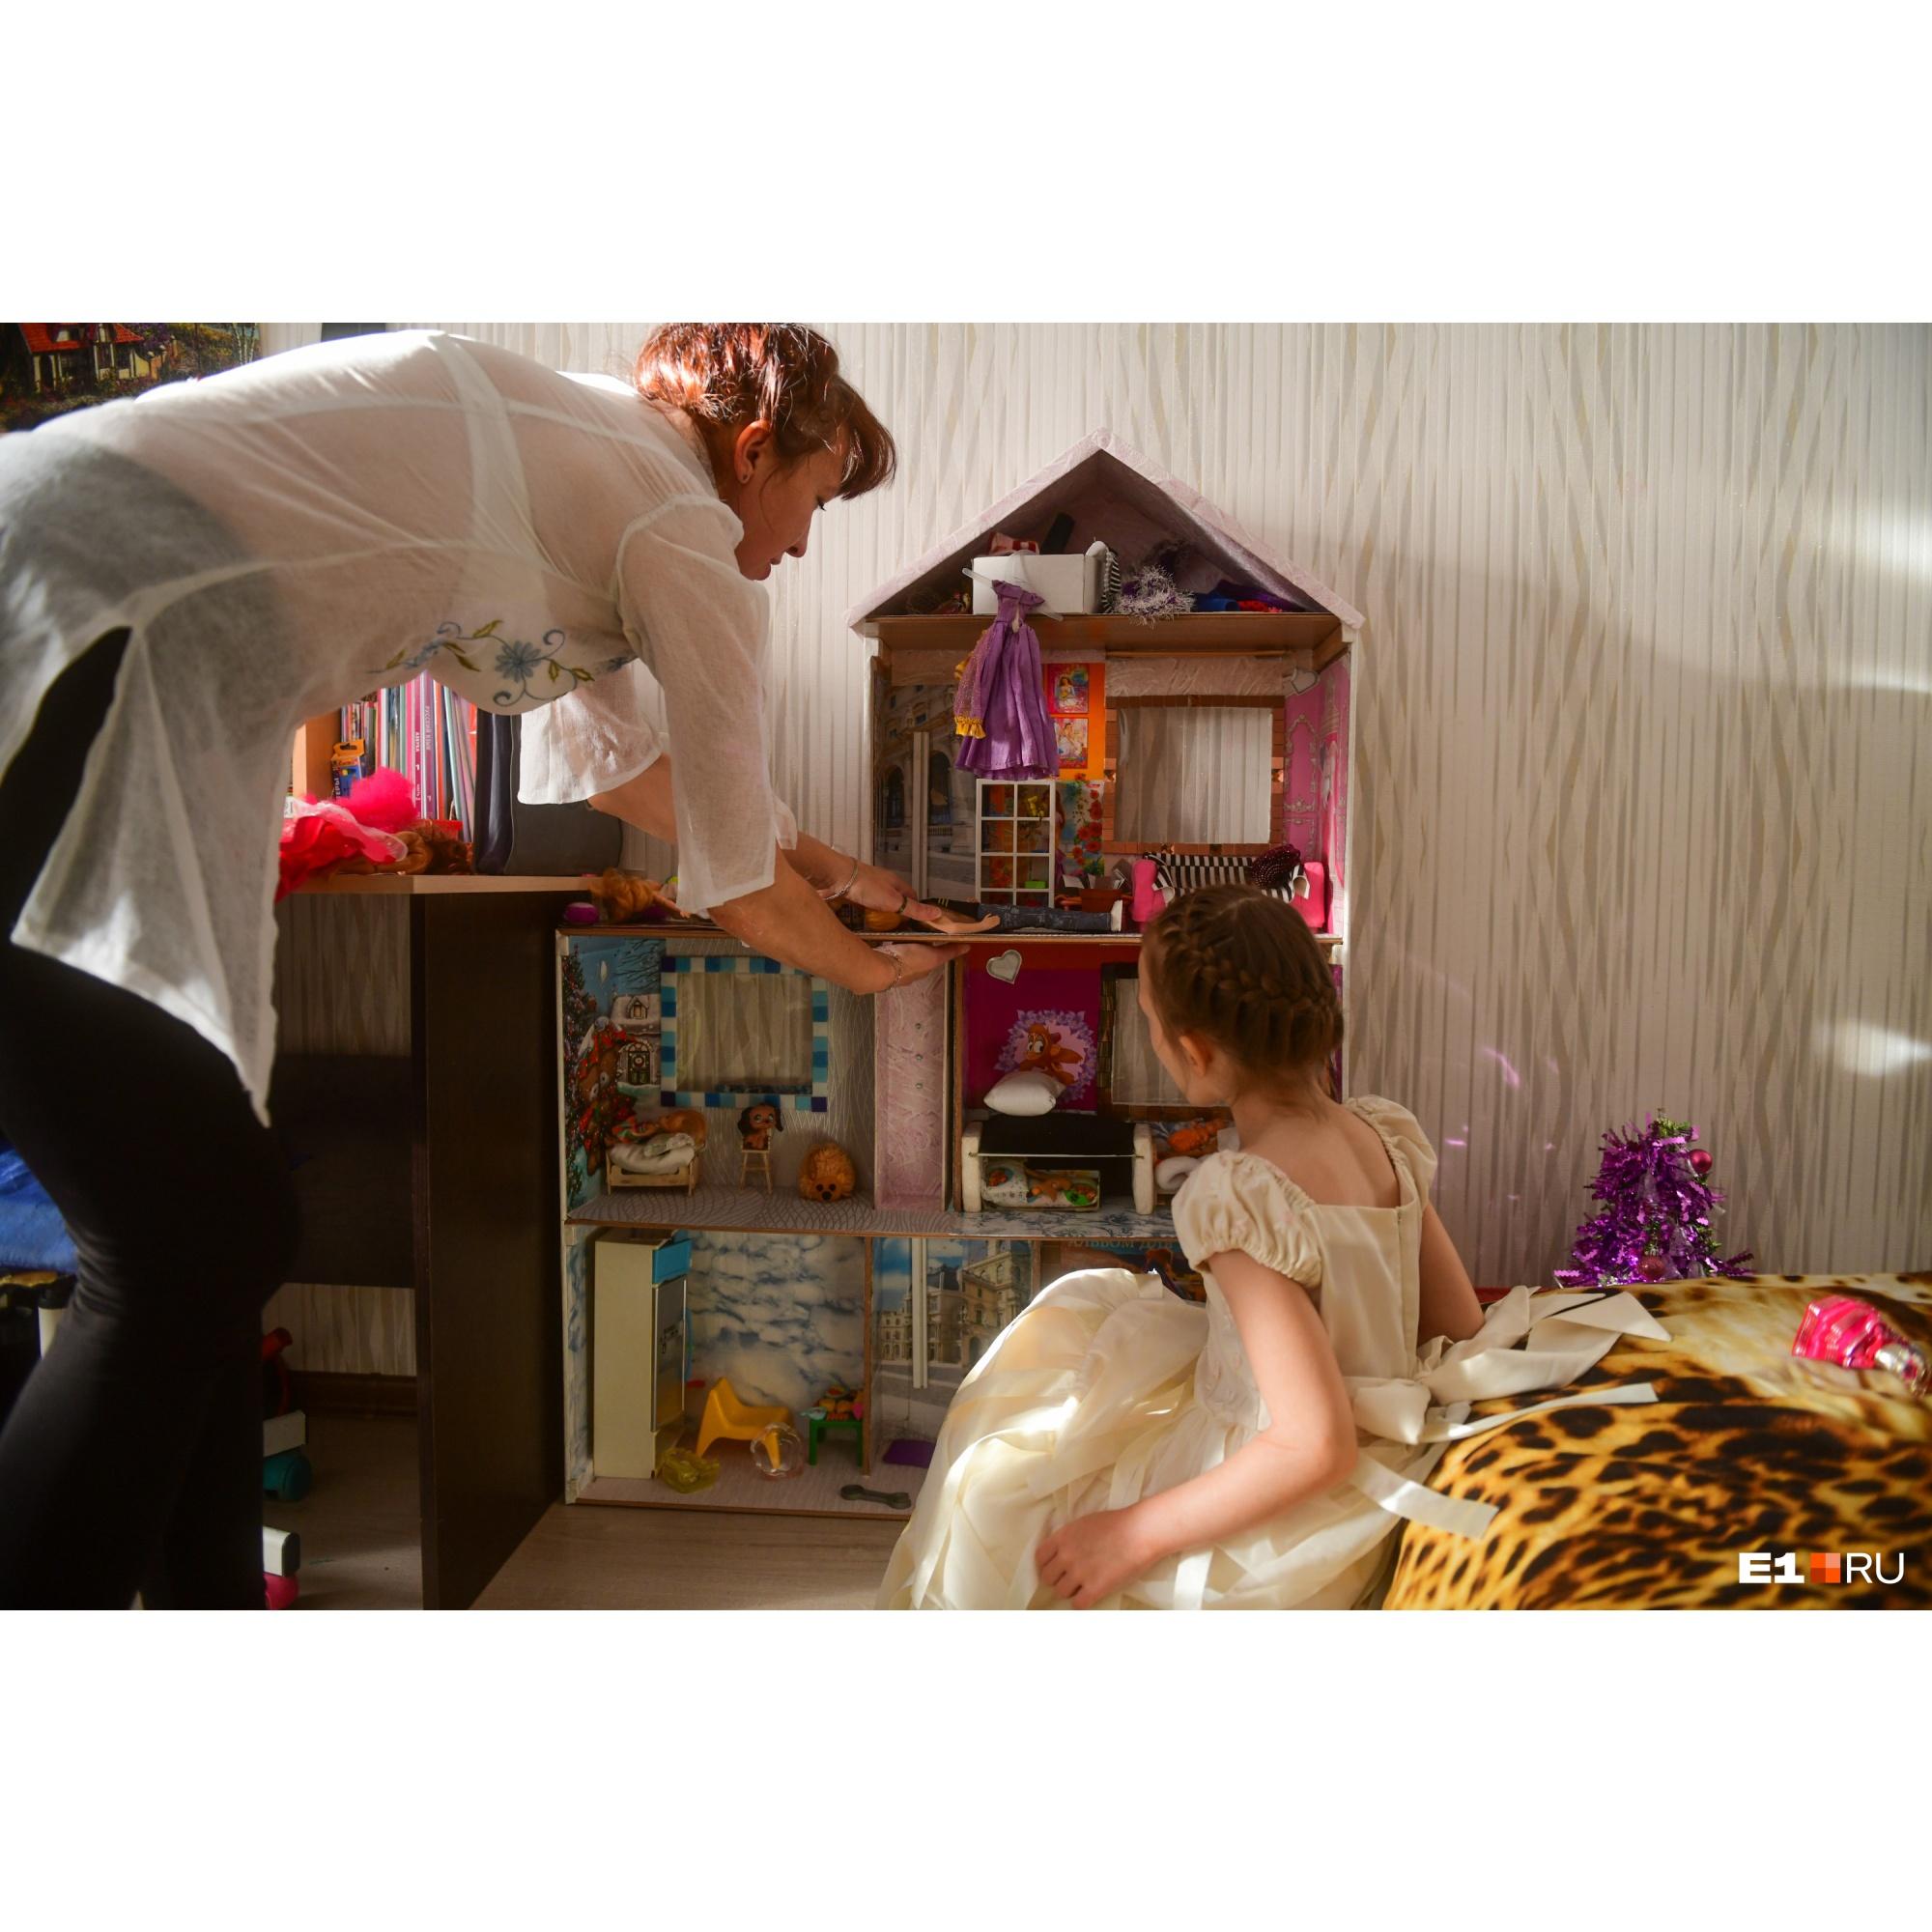 В кукольном доме Лизы и Эмилии даже лифт есть